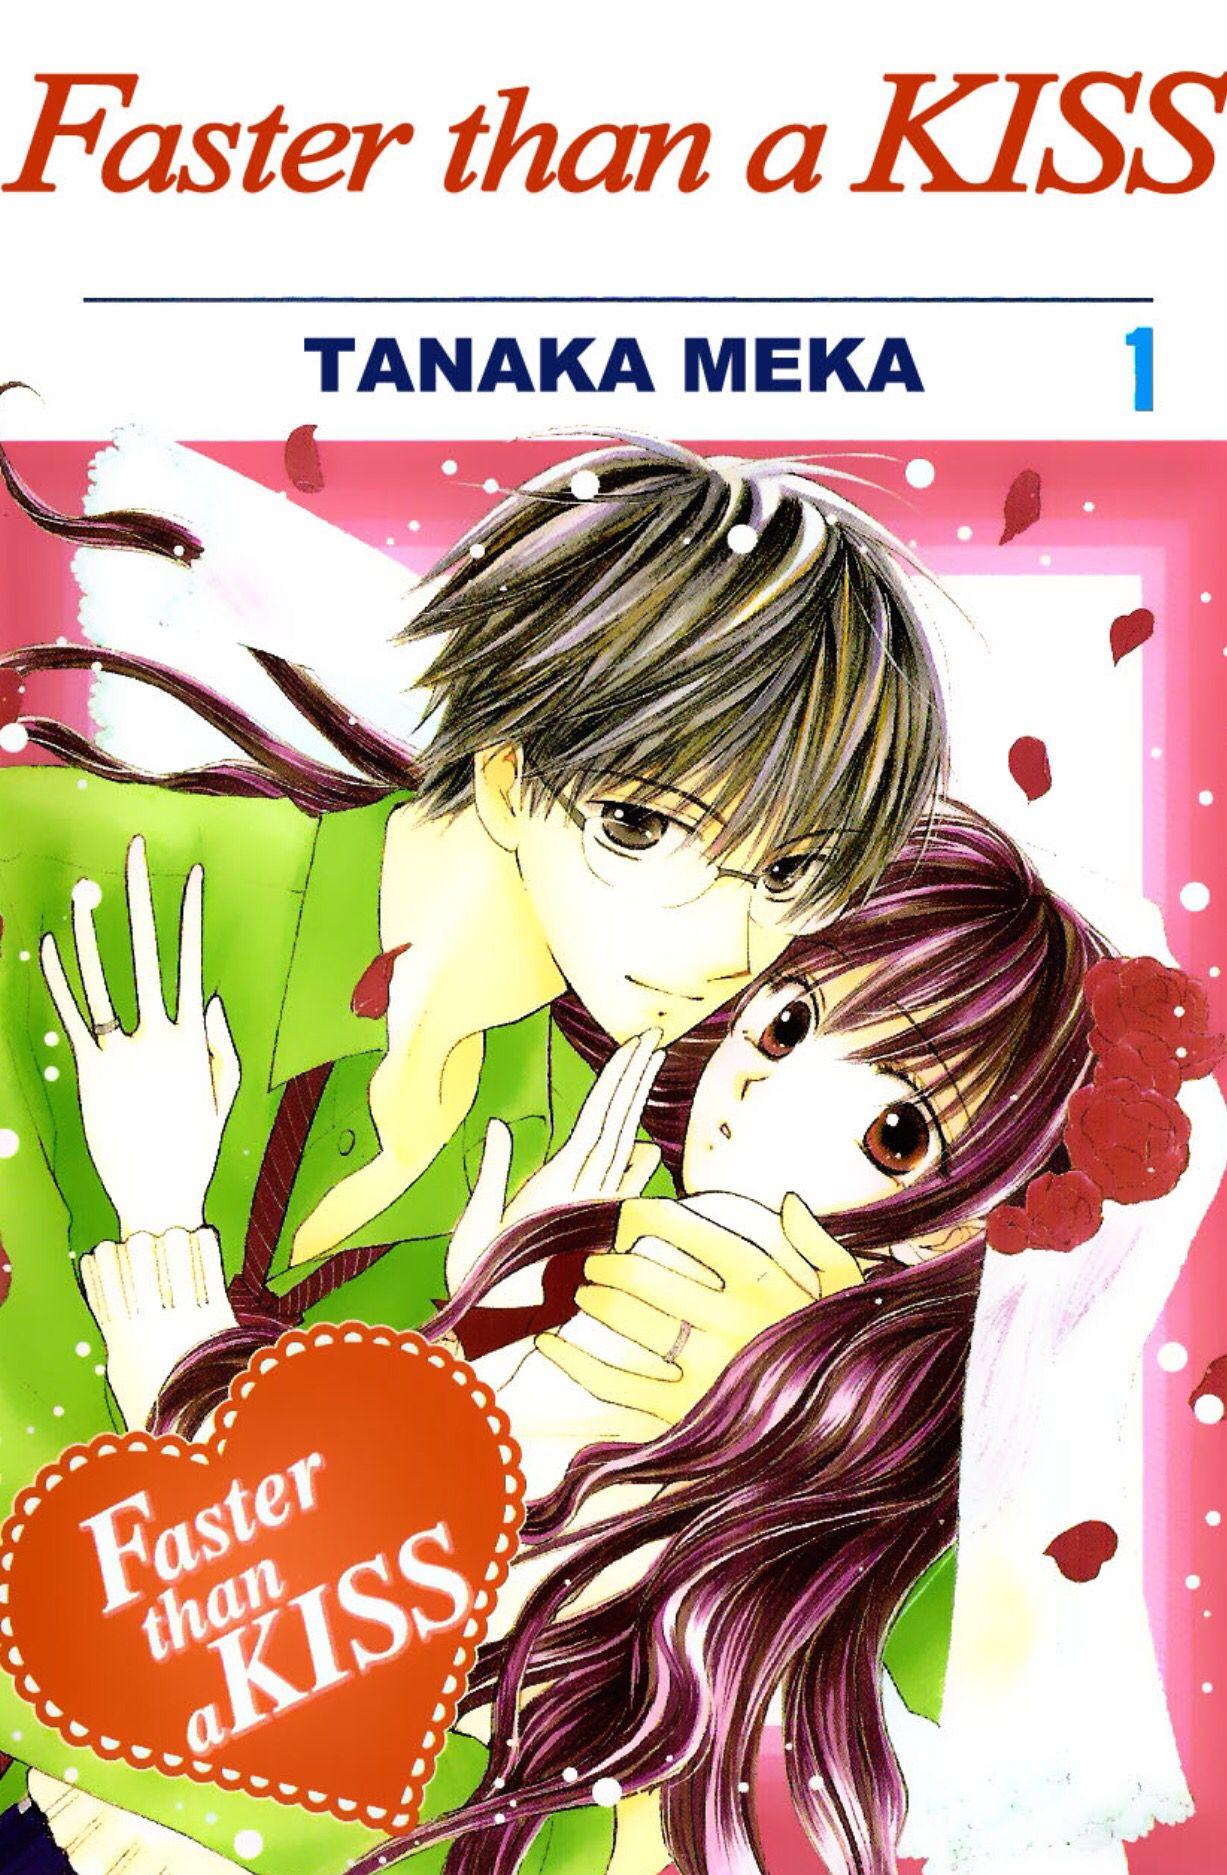 Faster than a Kiss Manga Kiss online, Cute love stories